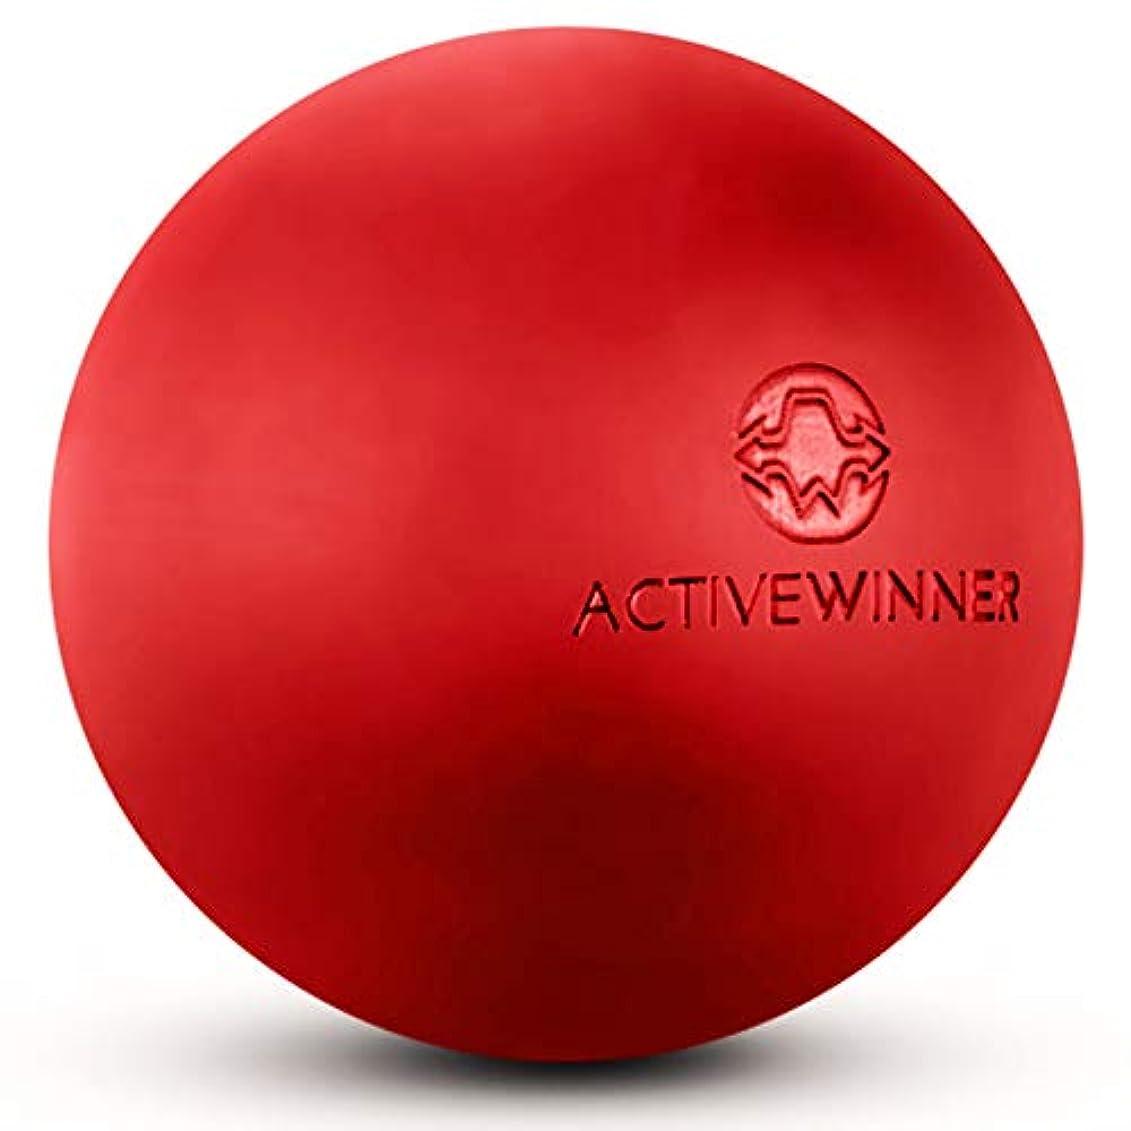 すぐにアクティブ汗Active Winner マッサージボール トリガーポイント (レッド) ストレッチボール 筋膜リリース トレーニング 背中 肩こり 腰 ふくらはぎ 足 ツボ押し